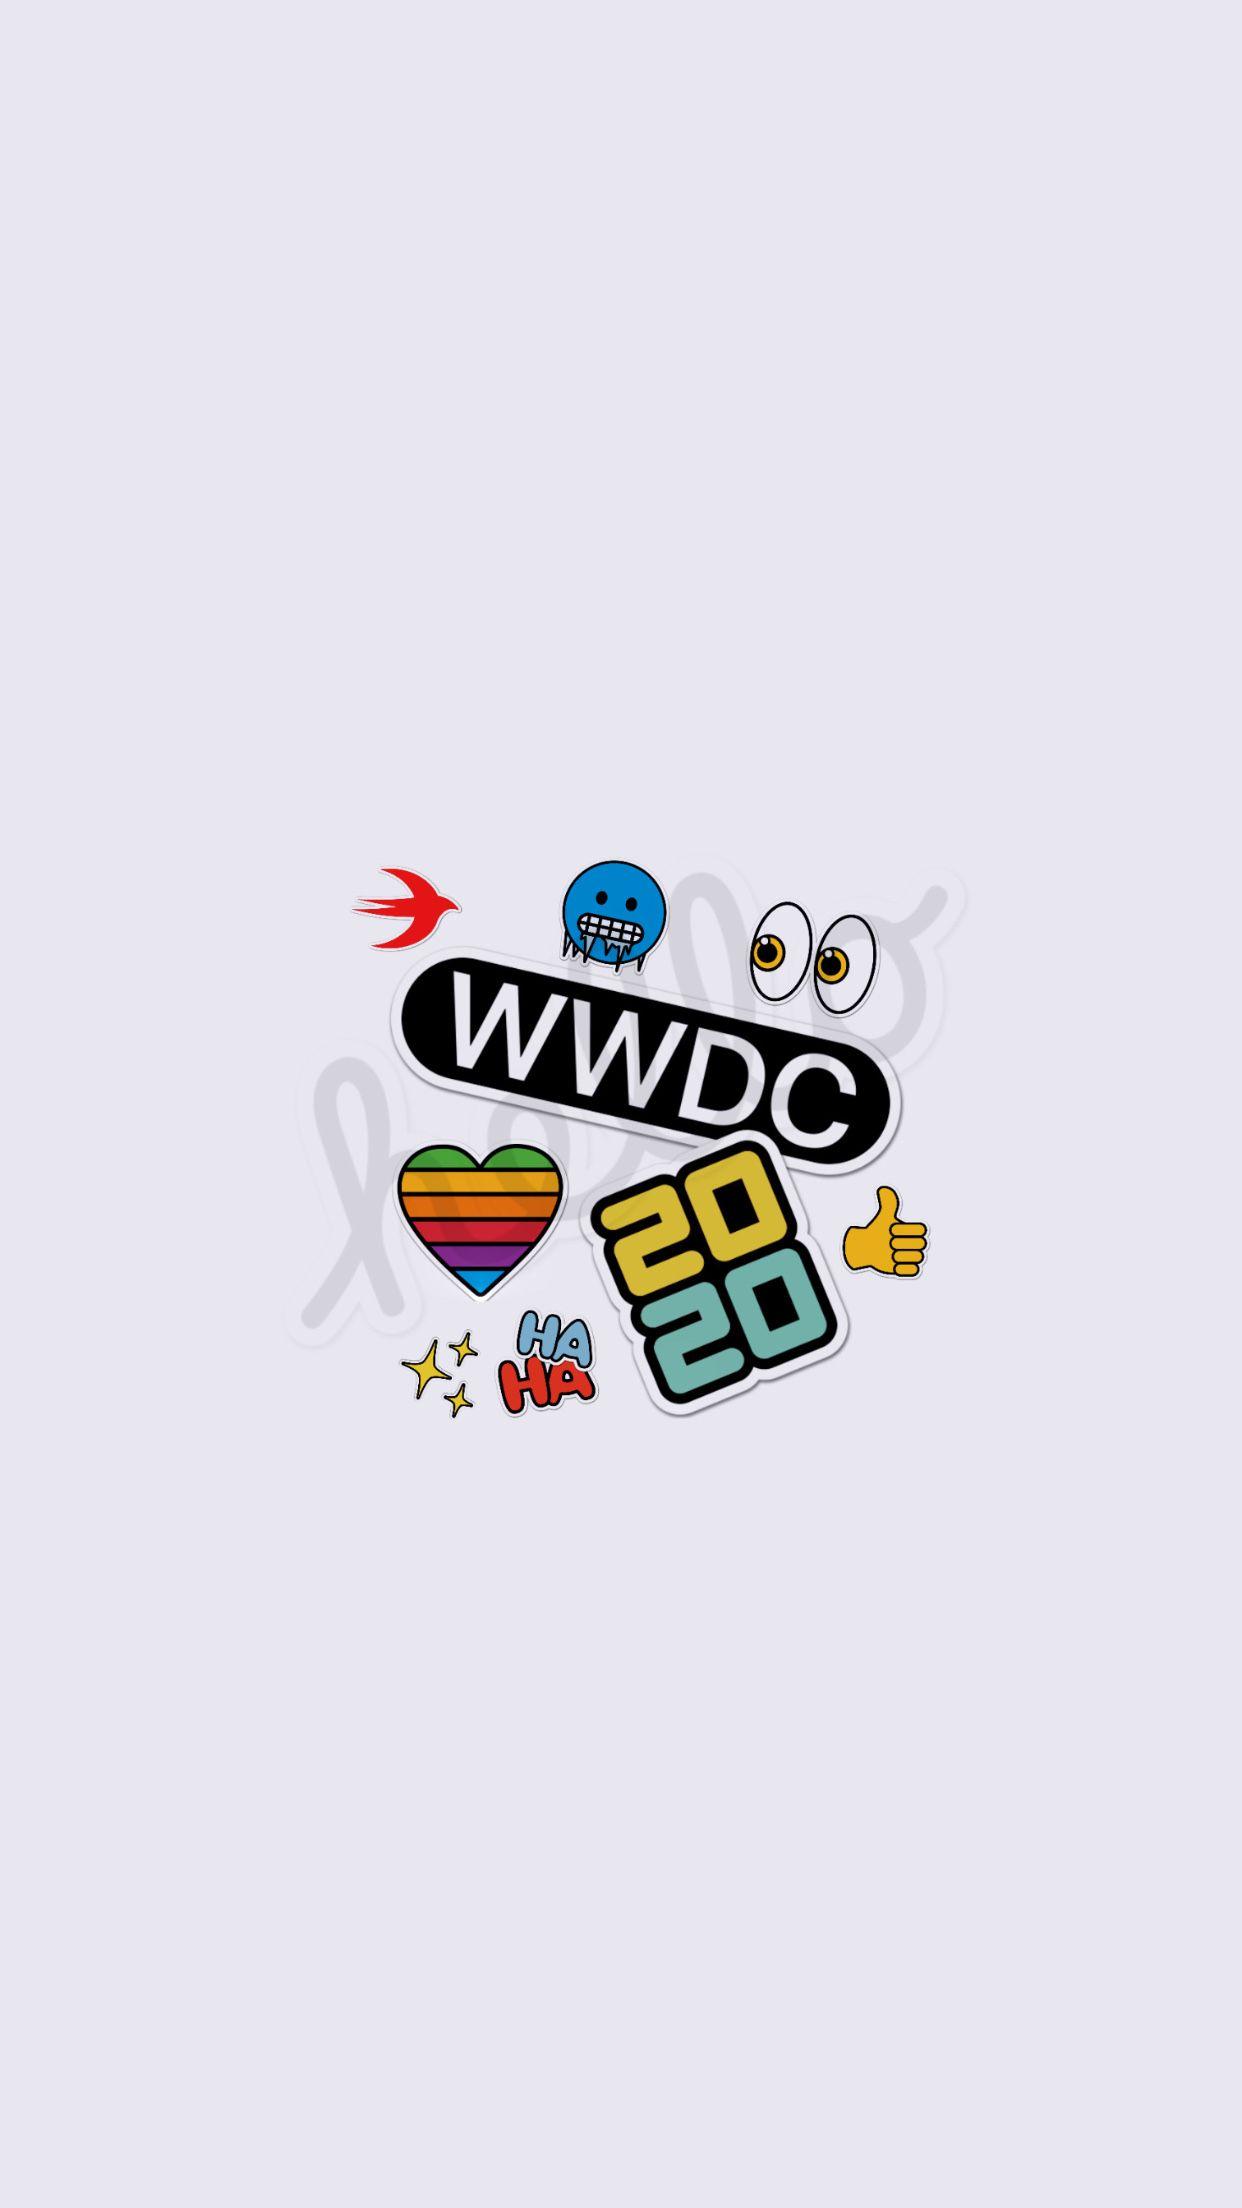 25+ Wwdc 2020 wallpaper Full HD